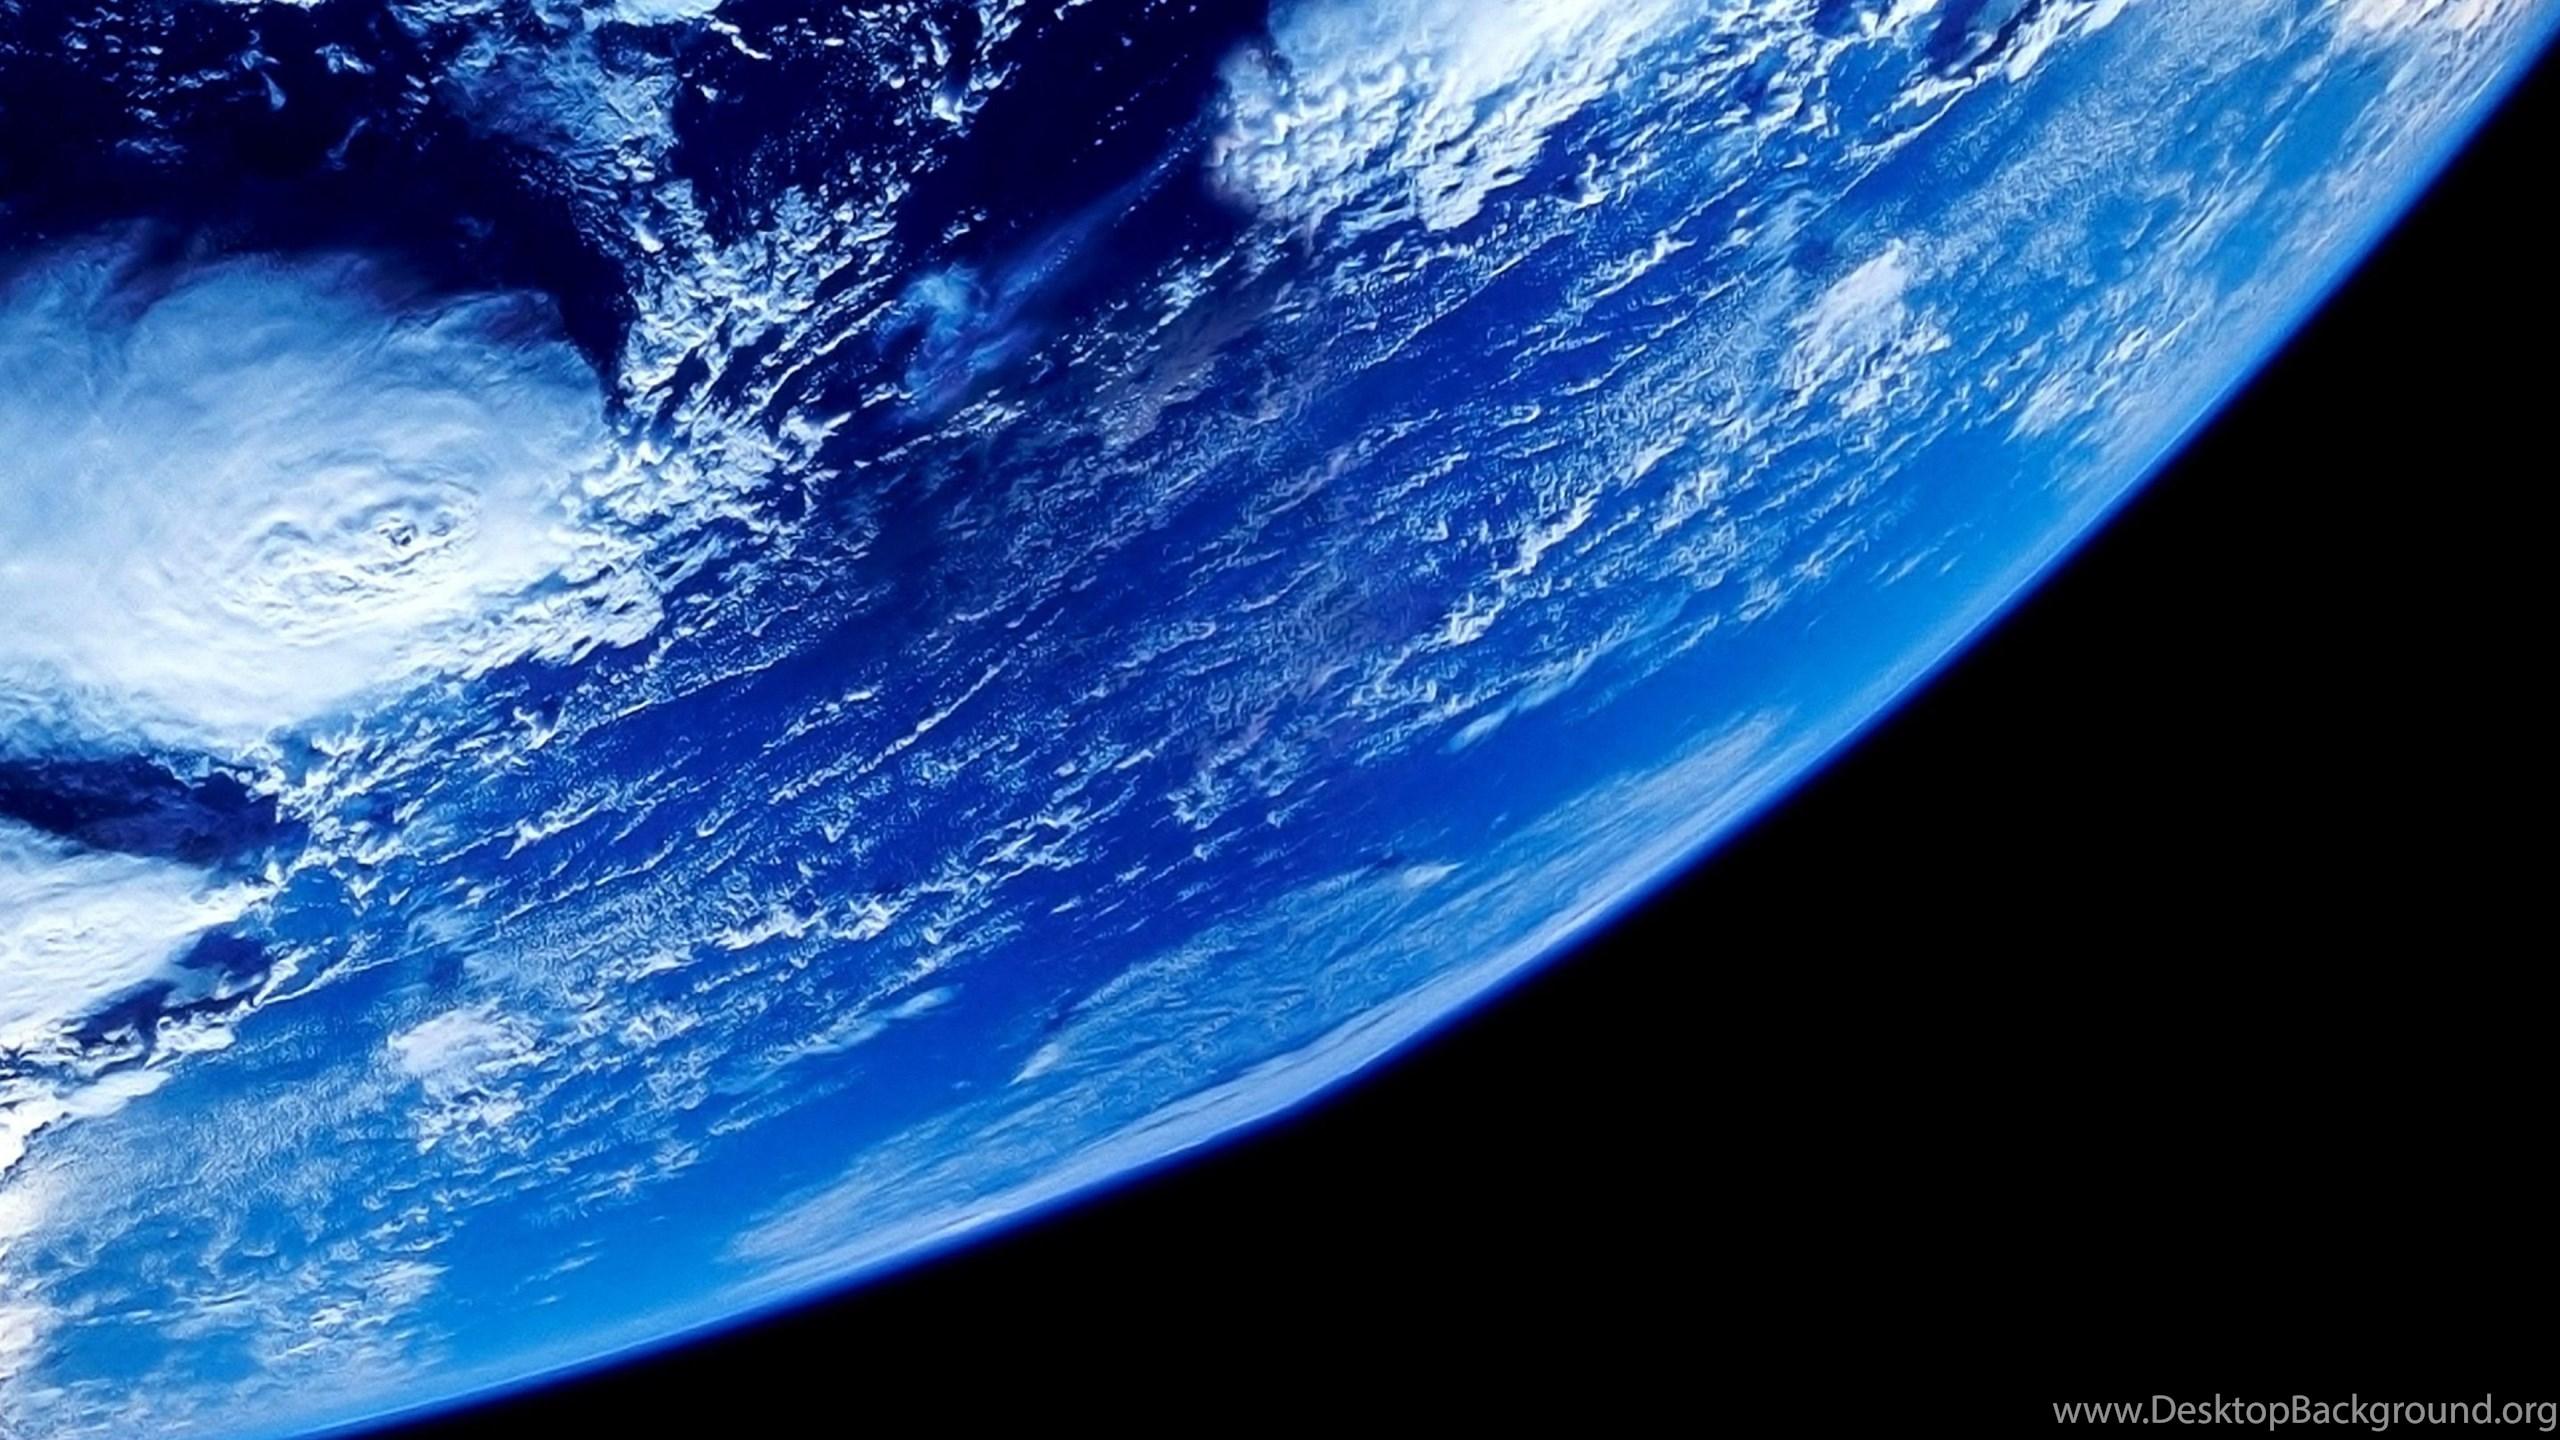 Car 4k Hd Desktop Wallpaper For 4k Ultra Hd Tv Tablet: Ultra HD Earth Blue Planet Wallpapers Of Earth Ultra Wide